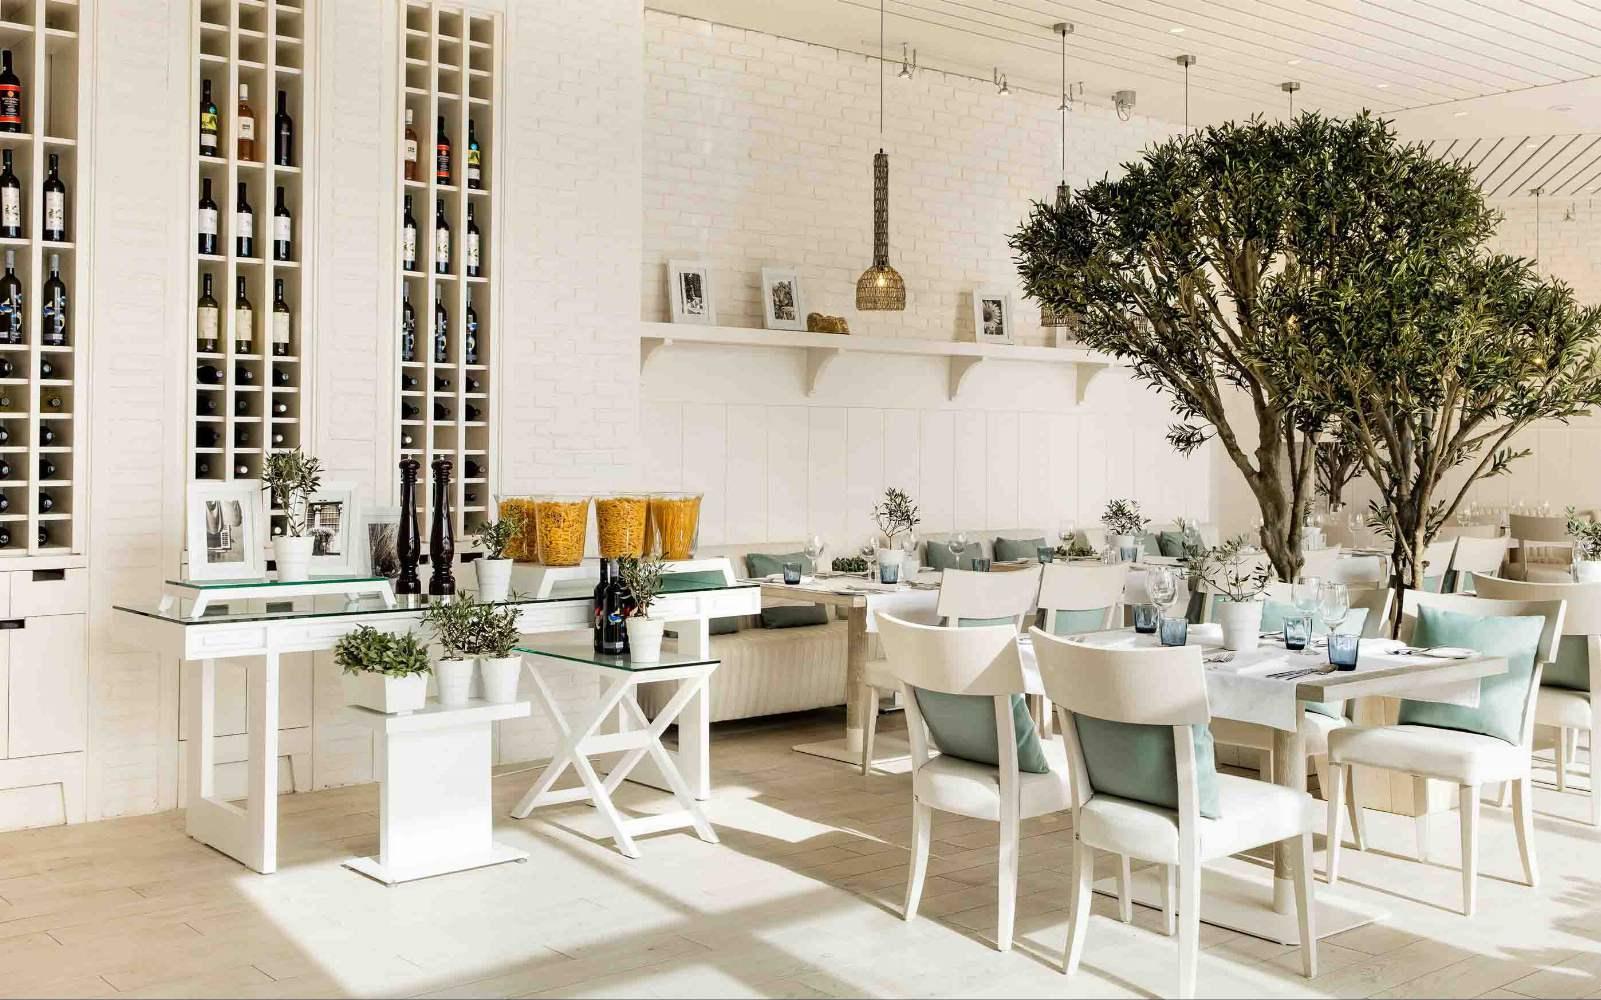 Ikos Oceania - Fresco restaurant